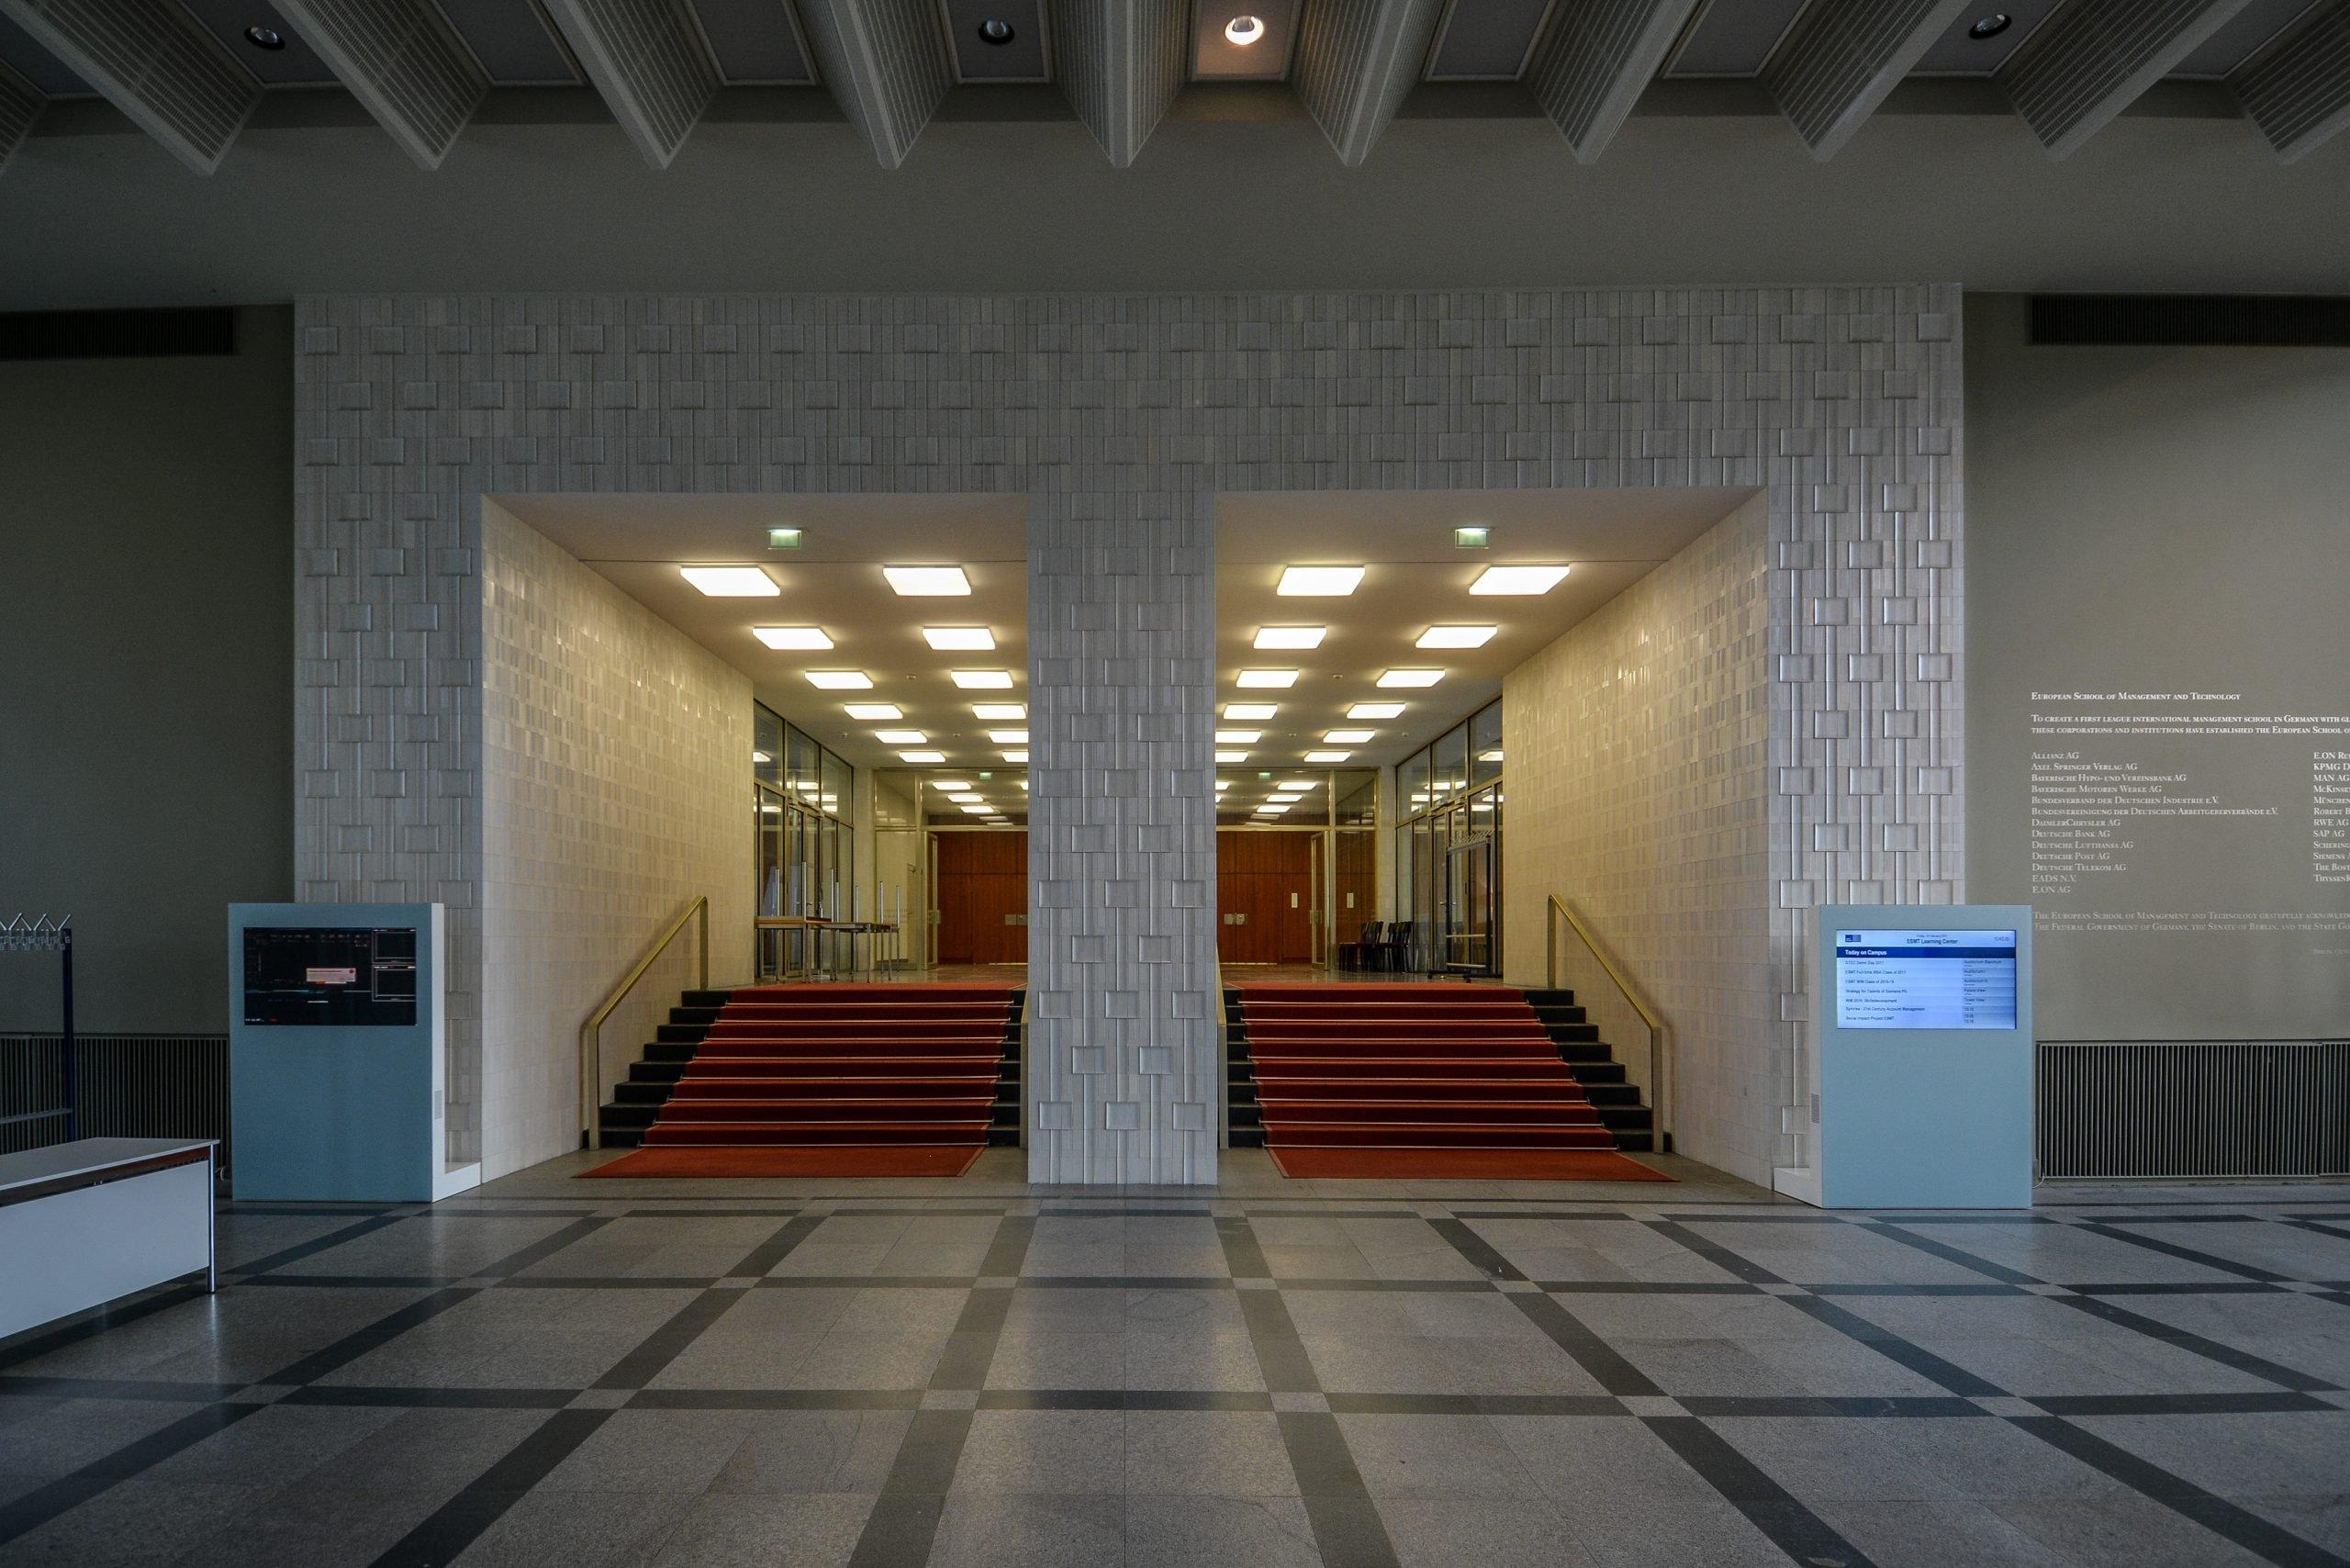 meissen fliessen eingang halle staatsratsgebaeude berlin DDR state council building esmt